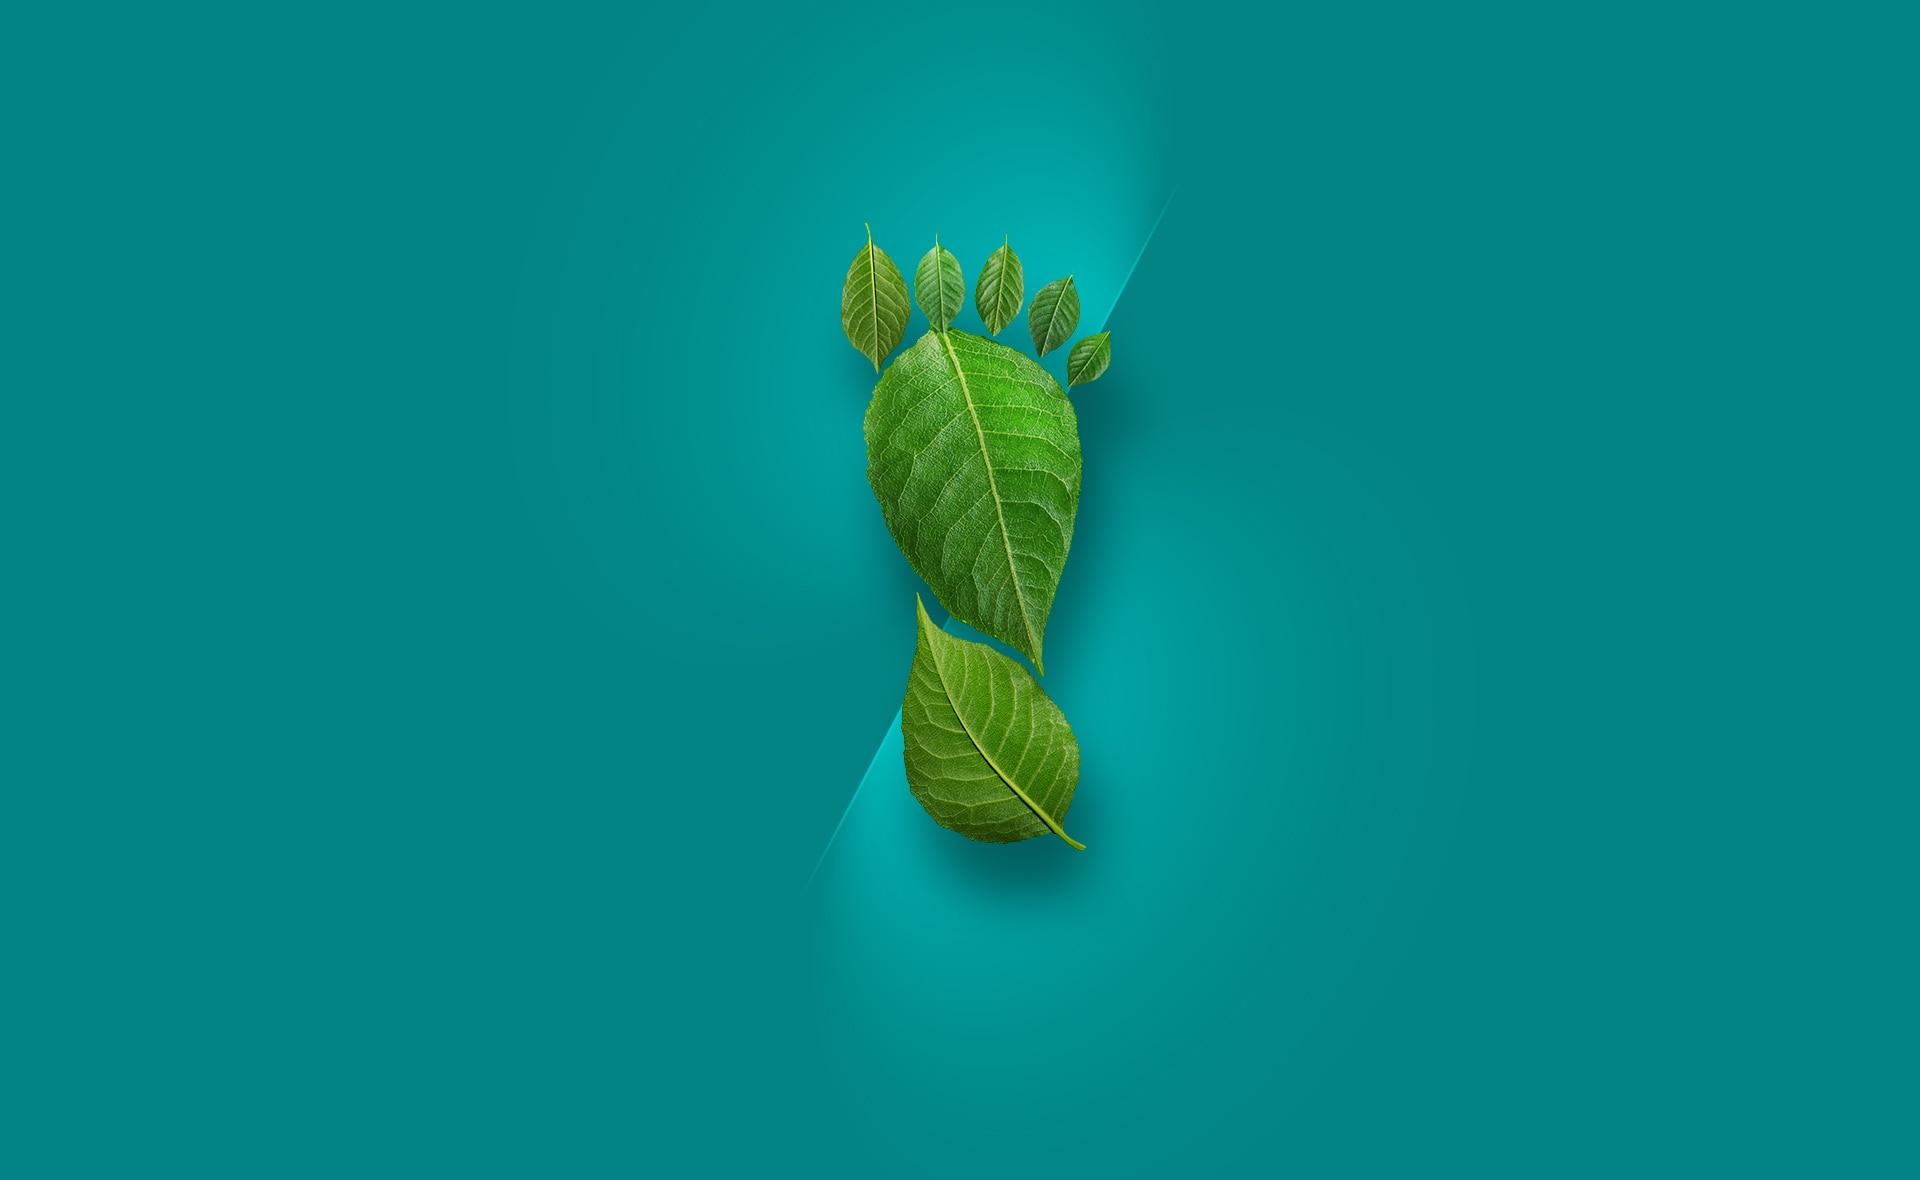 huella_carbono-sostenibilidad-cuidado-proteccion-reduccion-efectos-cambio-climatico-ods-carbono-oxigeno-efectos-nocivos-planeta